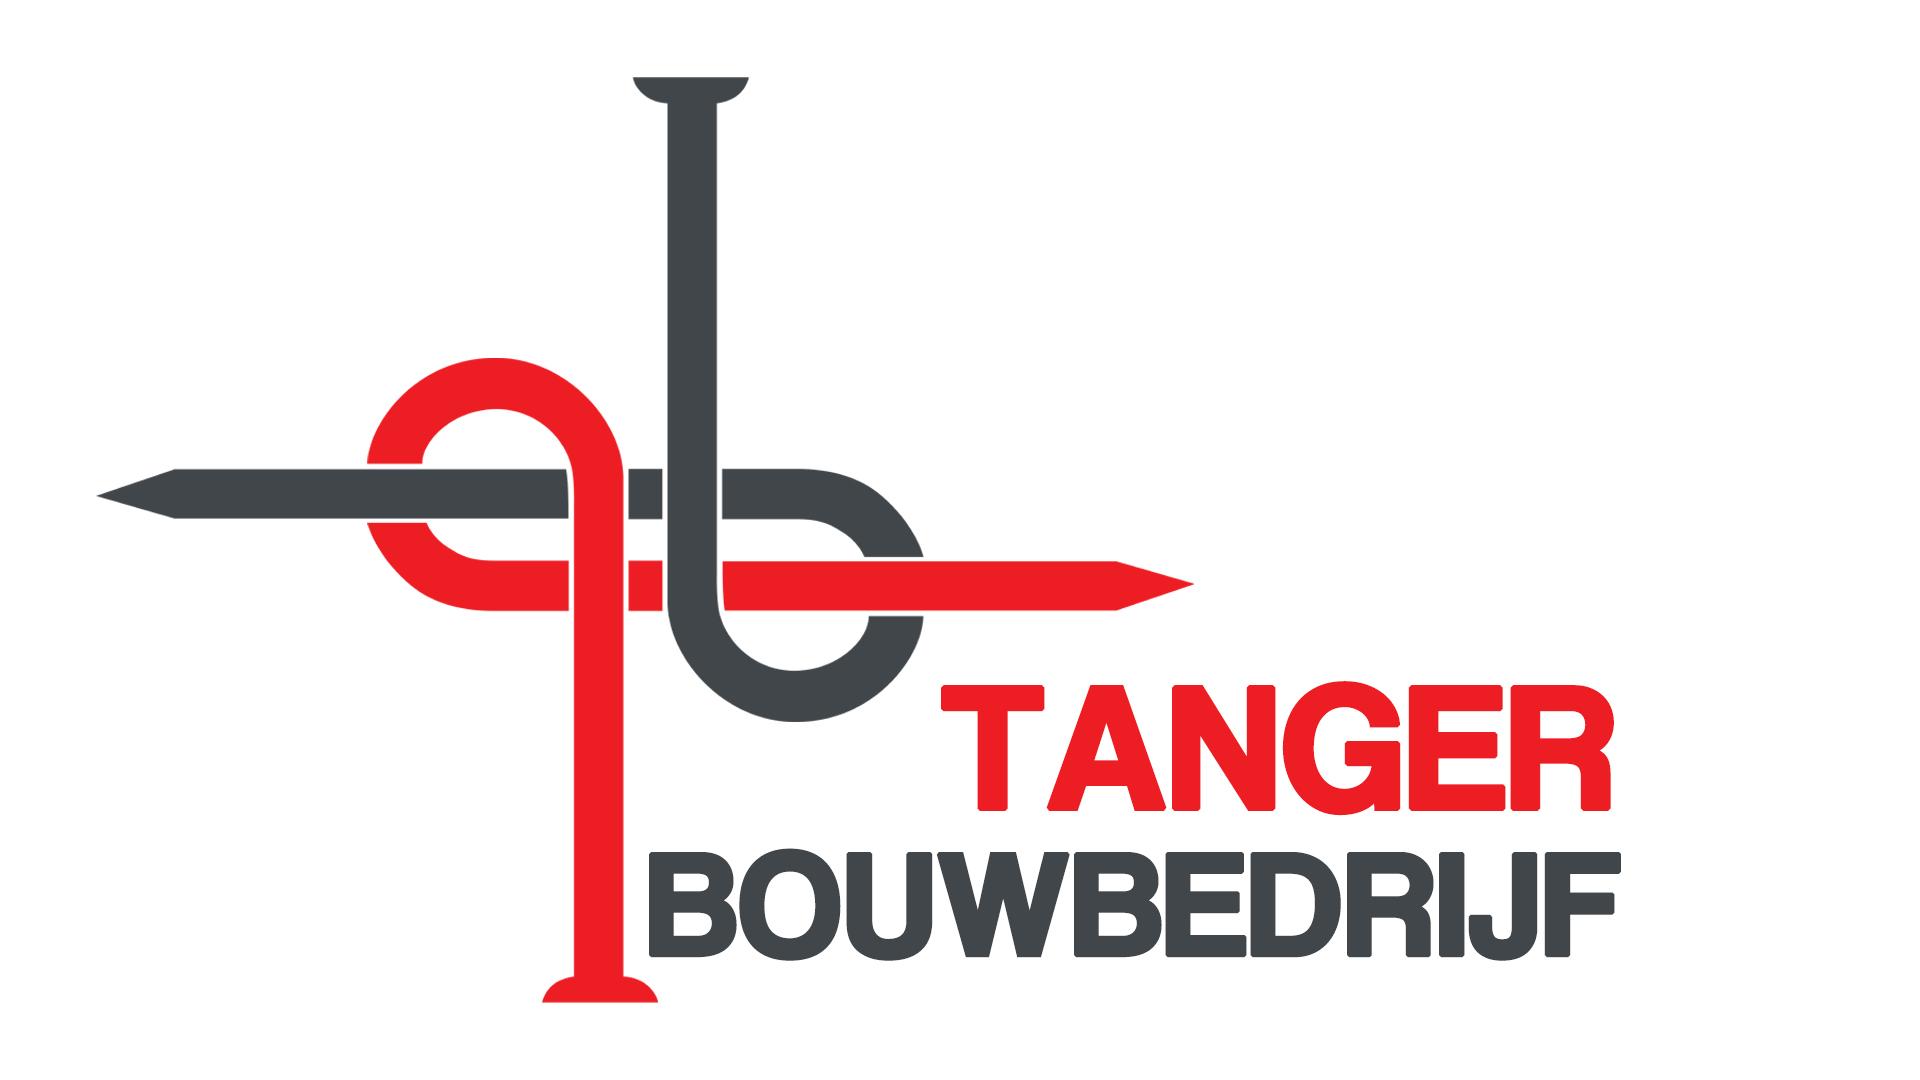 Tanger Bouwbedrijf